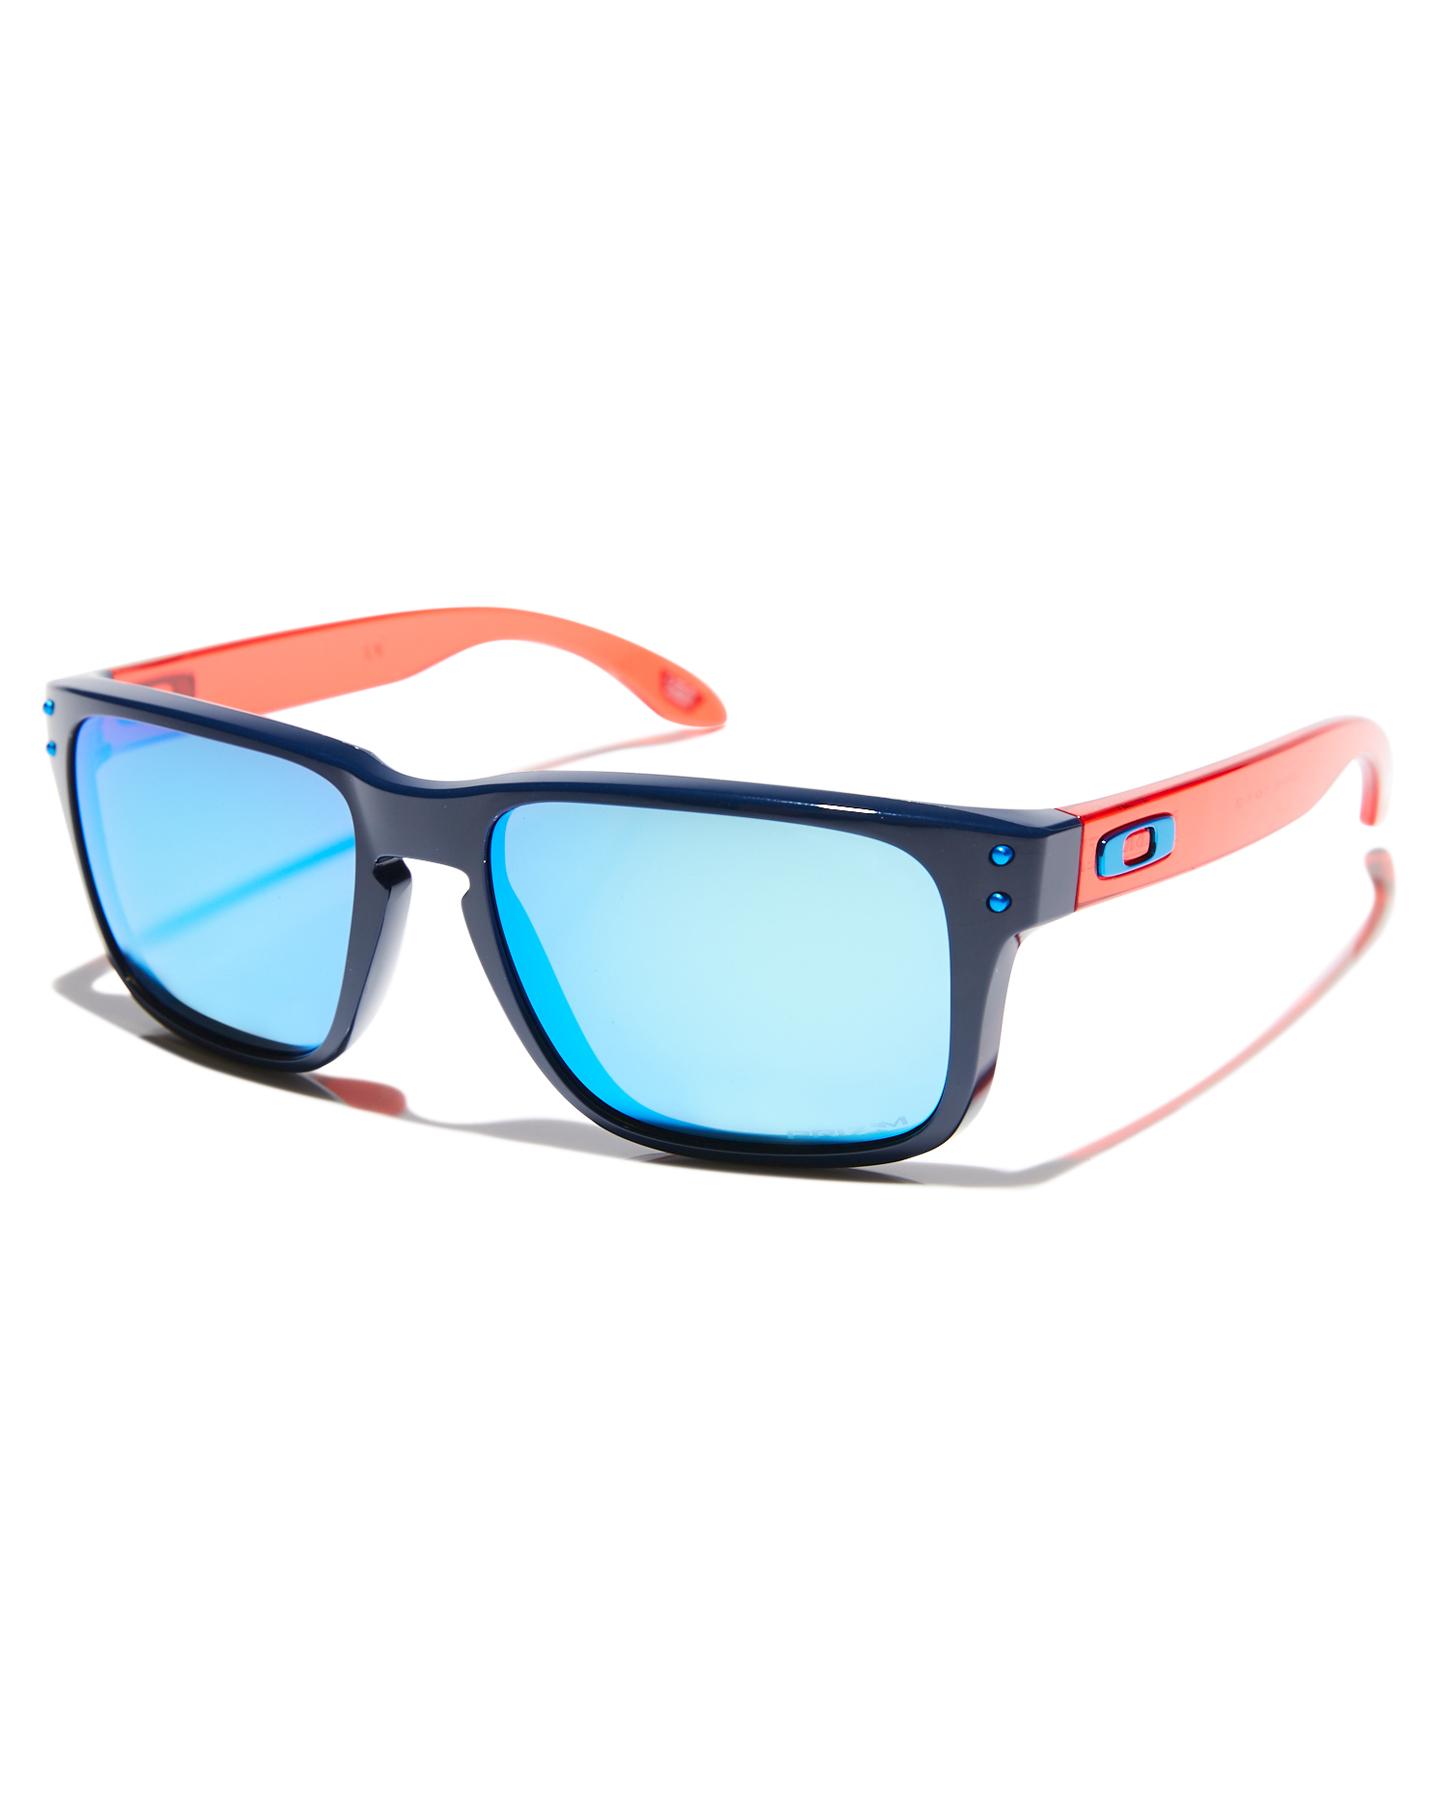 Oakley Youth Holbrook Xs Sunglasses Polished Navy Prizm